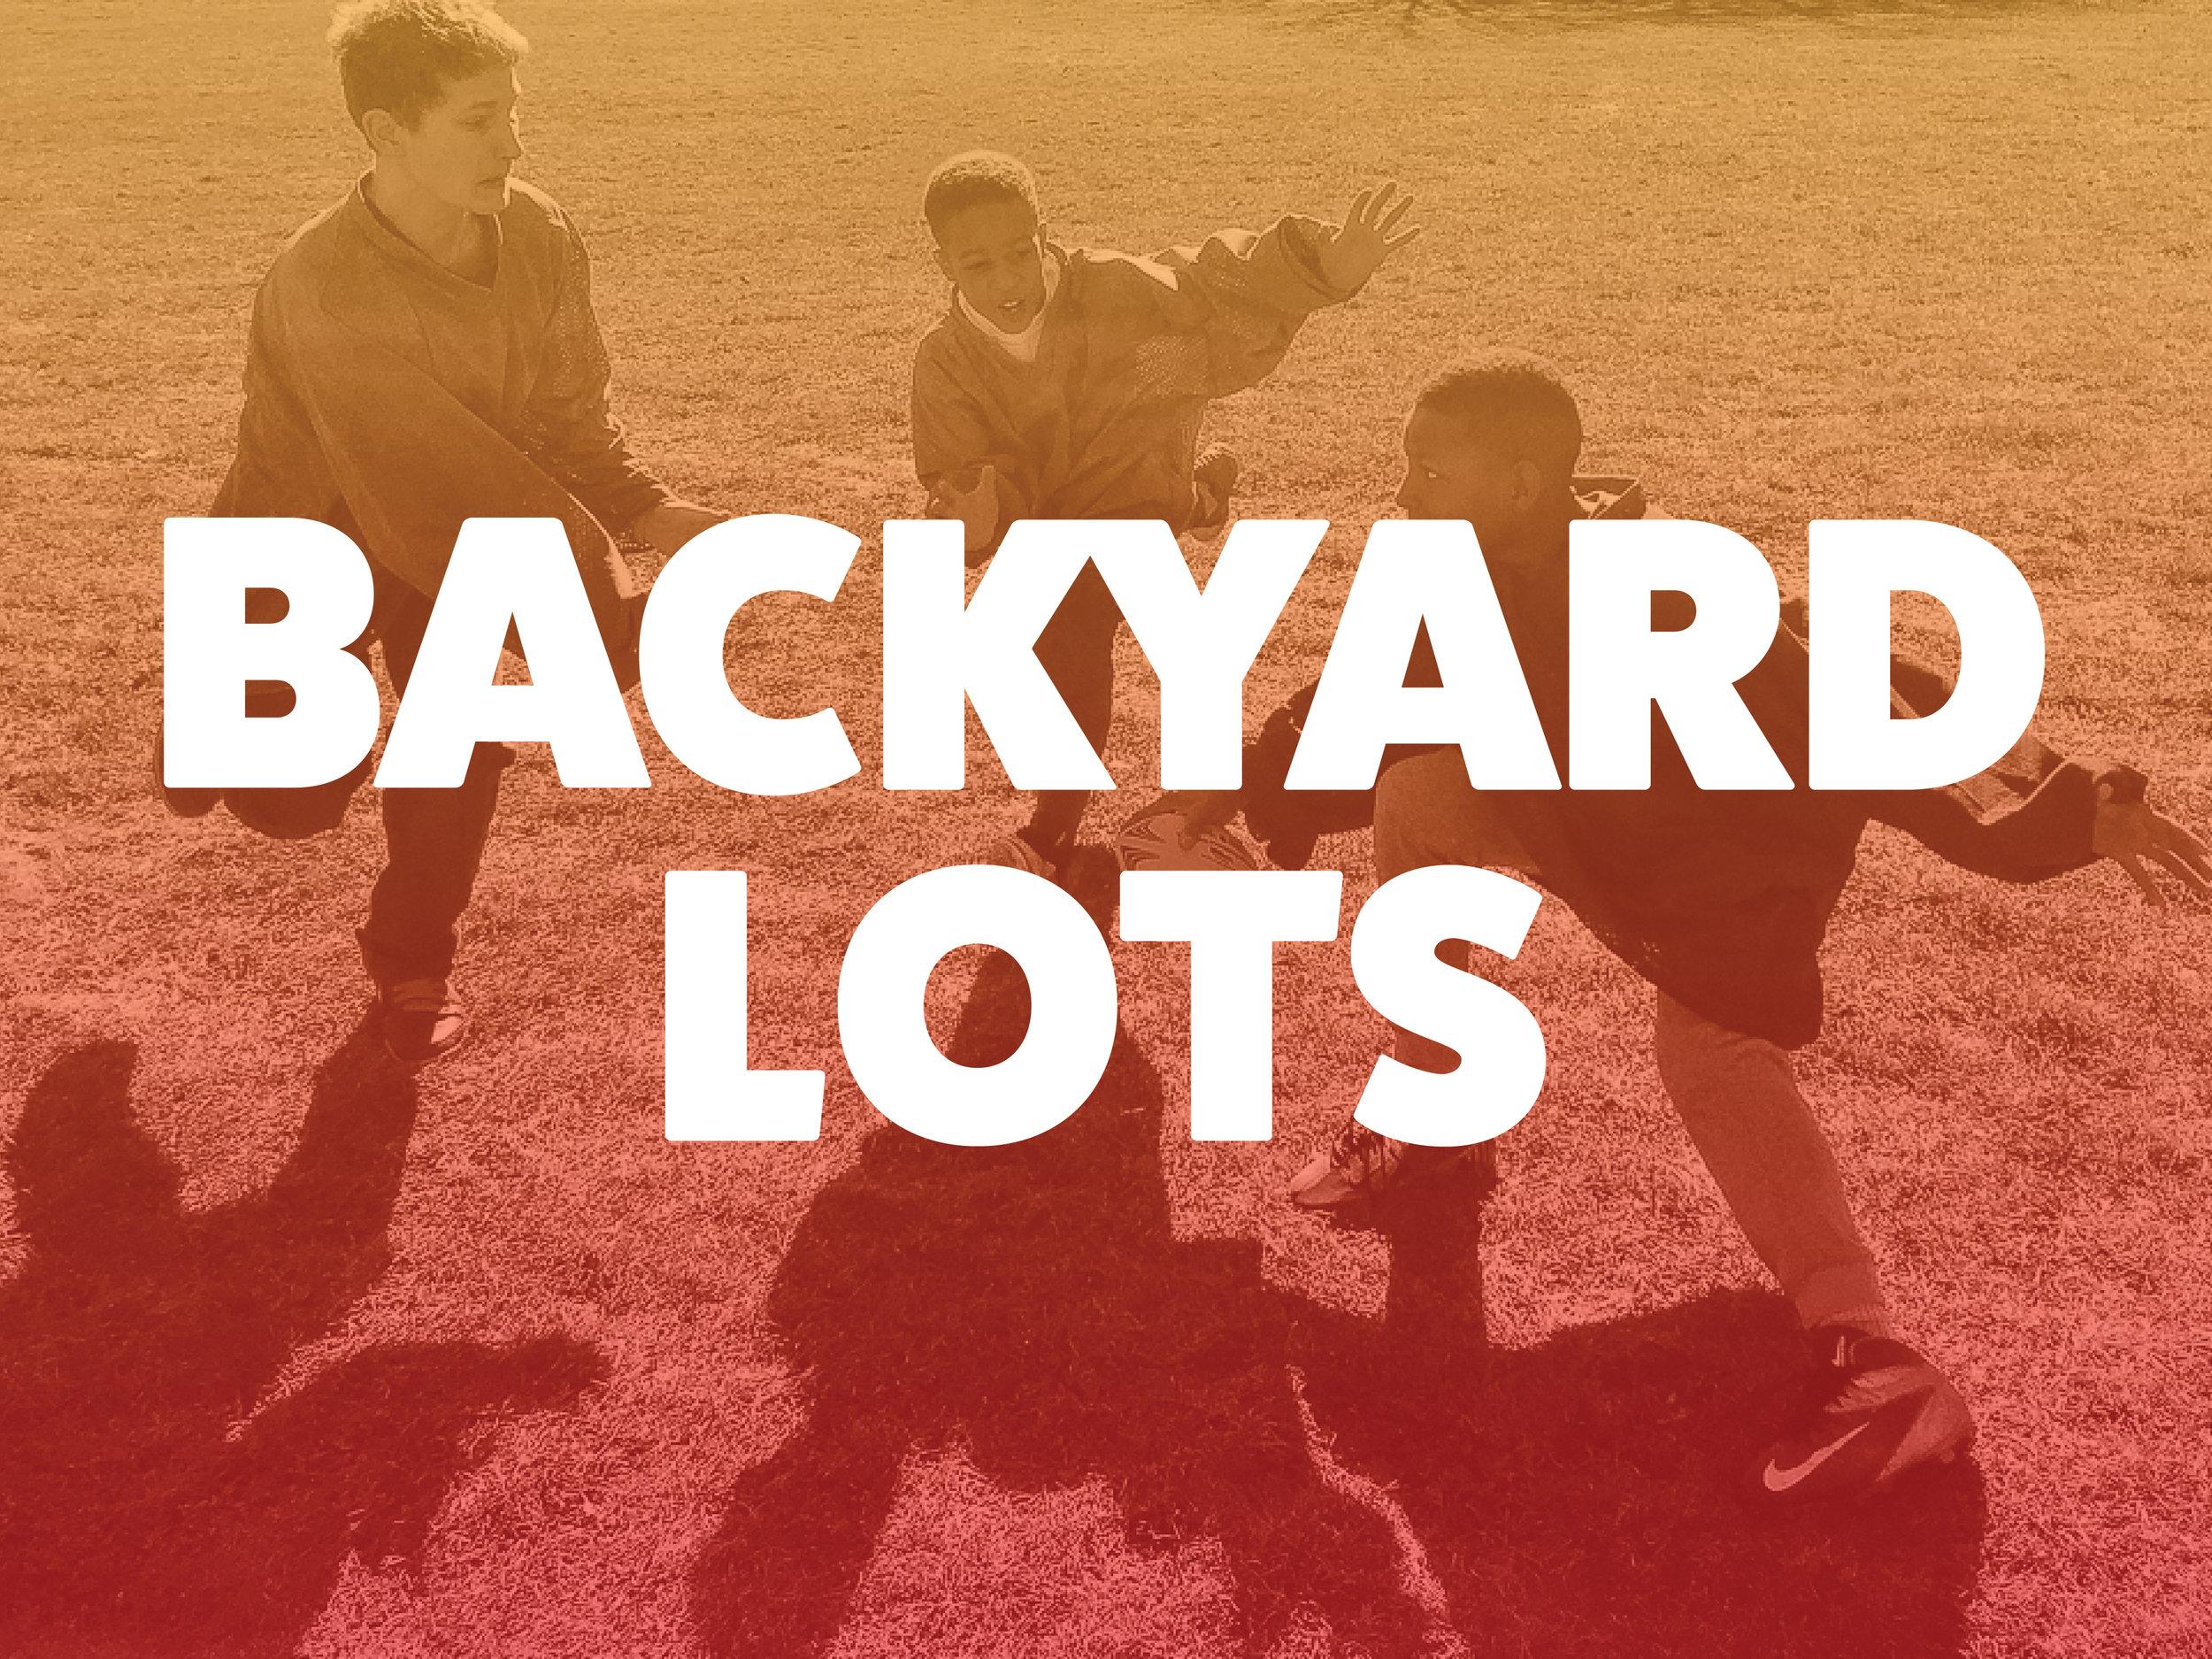 backyardlots_homepage